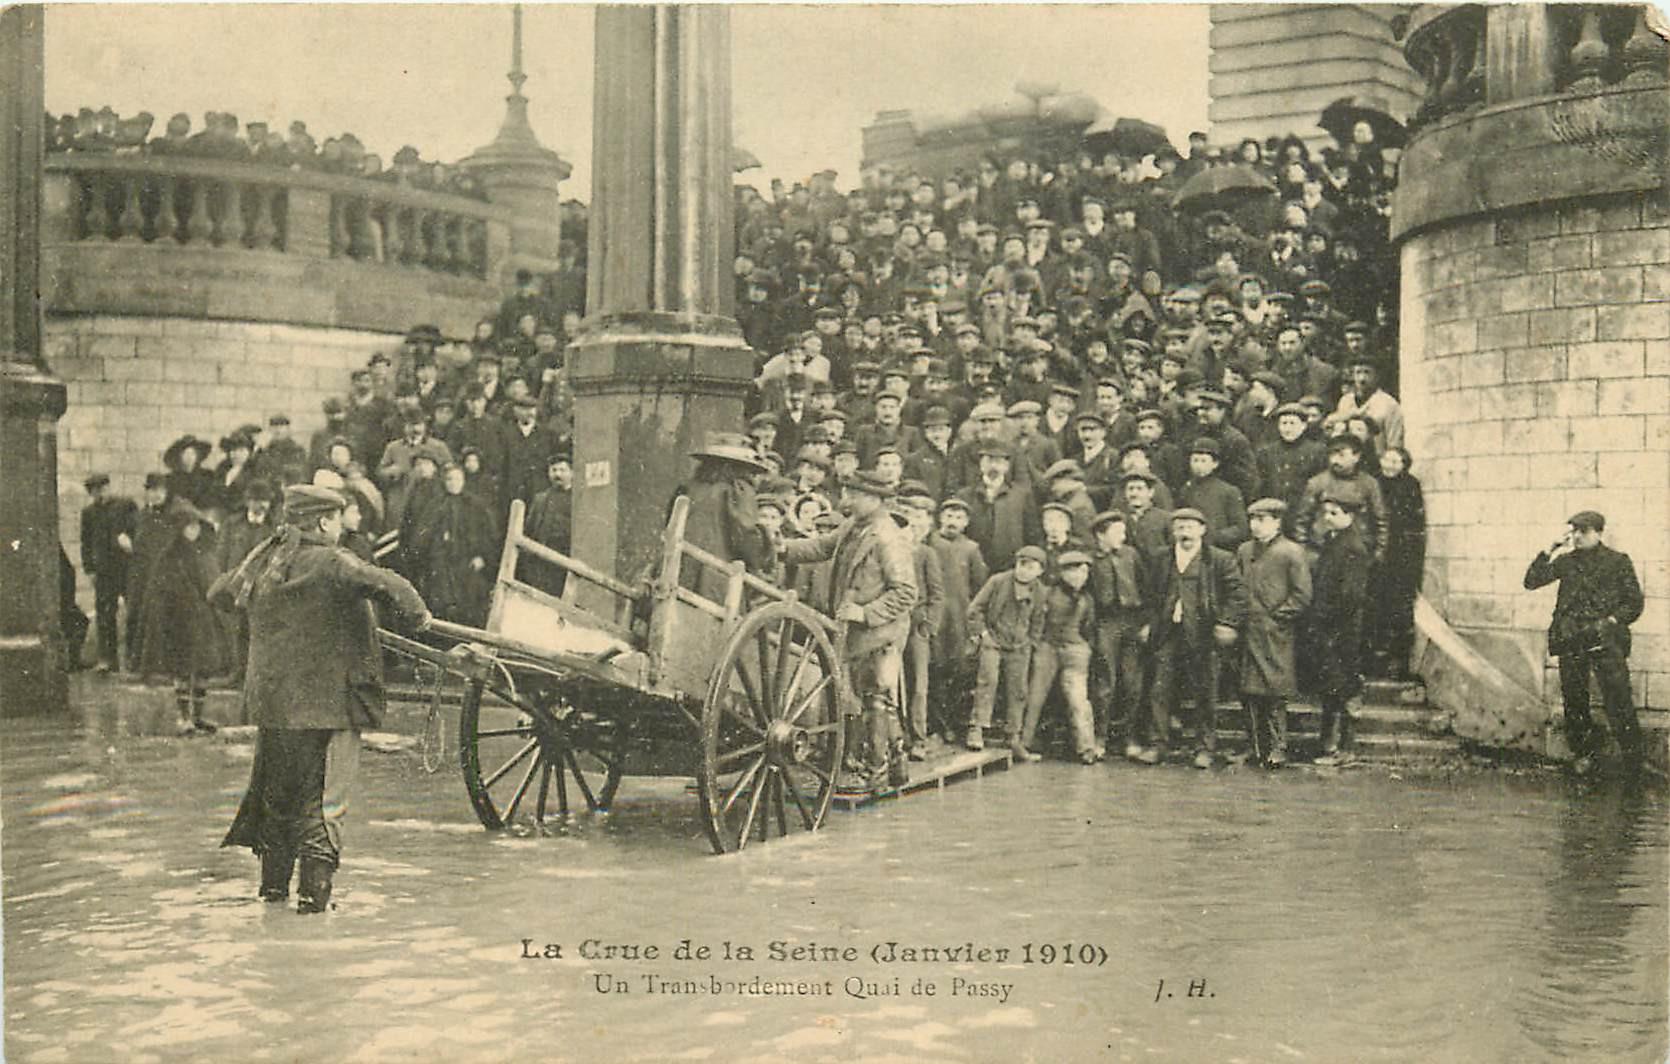 WW PARIS. Inondations Crue 1910. Transbordement Quai de Passy